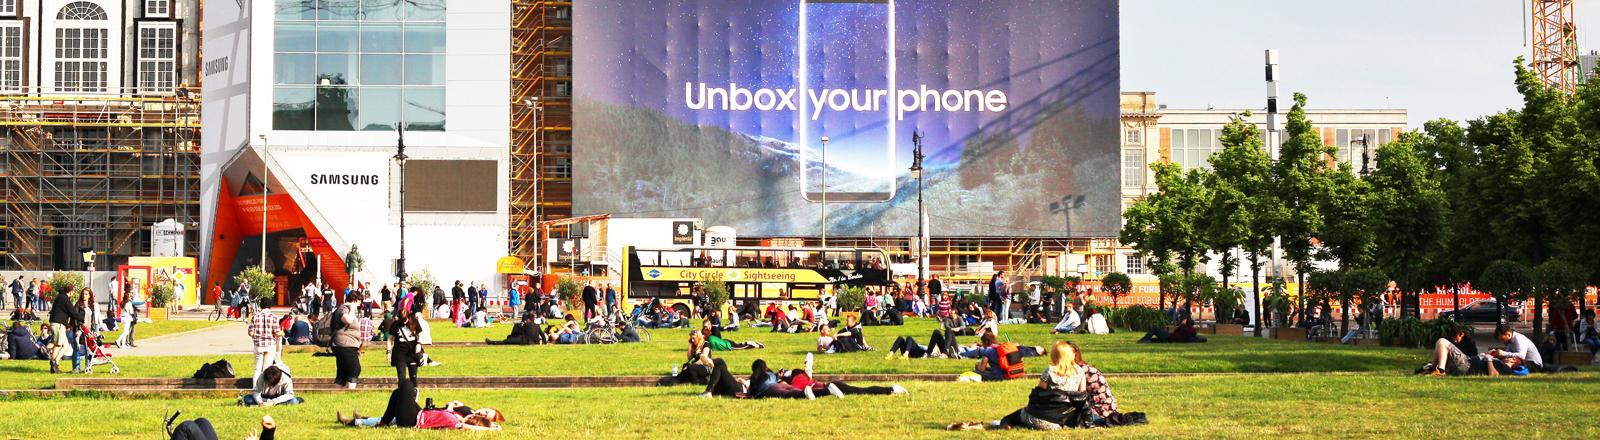 """""""Unbox your phone"""" steht auf einem riesigen Werbeplakat an der Baustelle für das neue Stadtschloss in Berlin am 20.05.2017."""